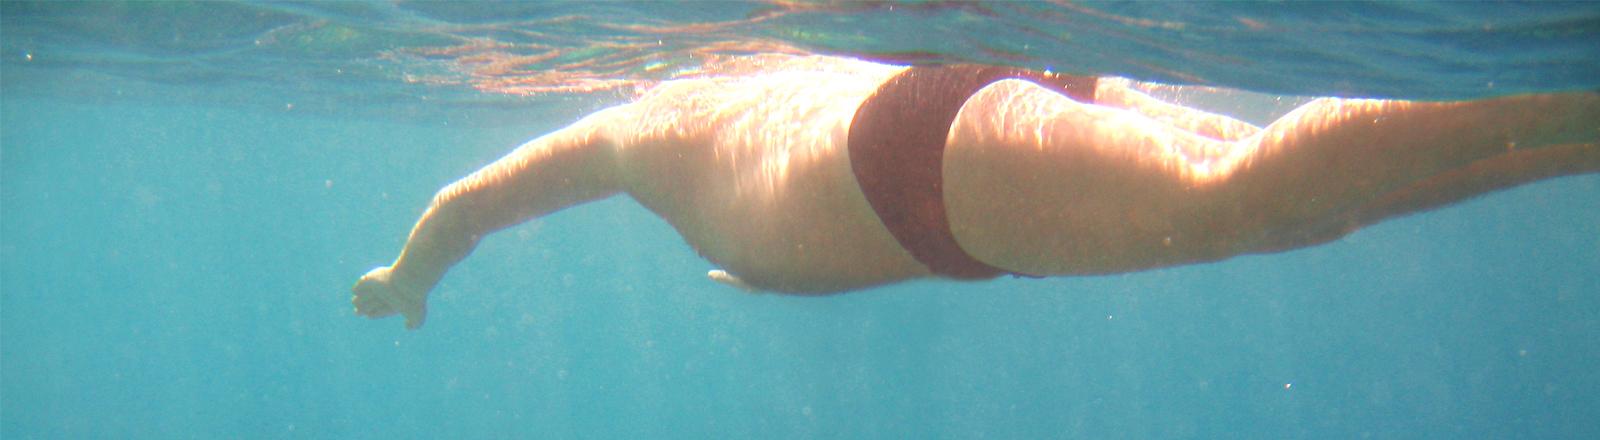 Ein Mann mit weicheren Körperformen beim Schwimmen